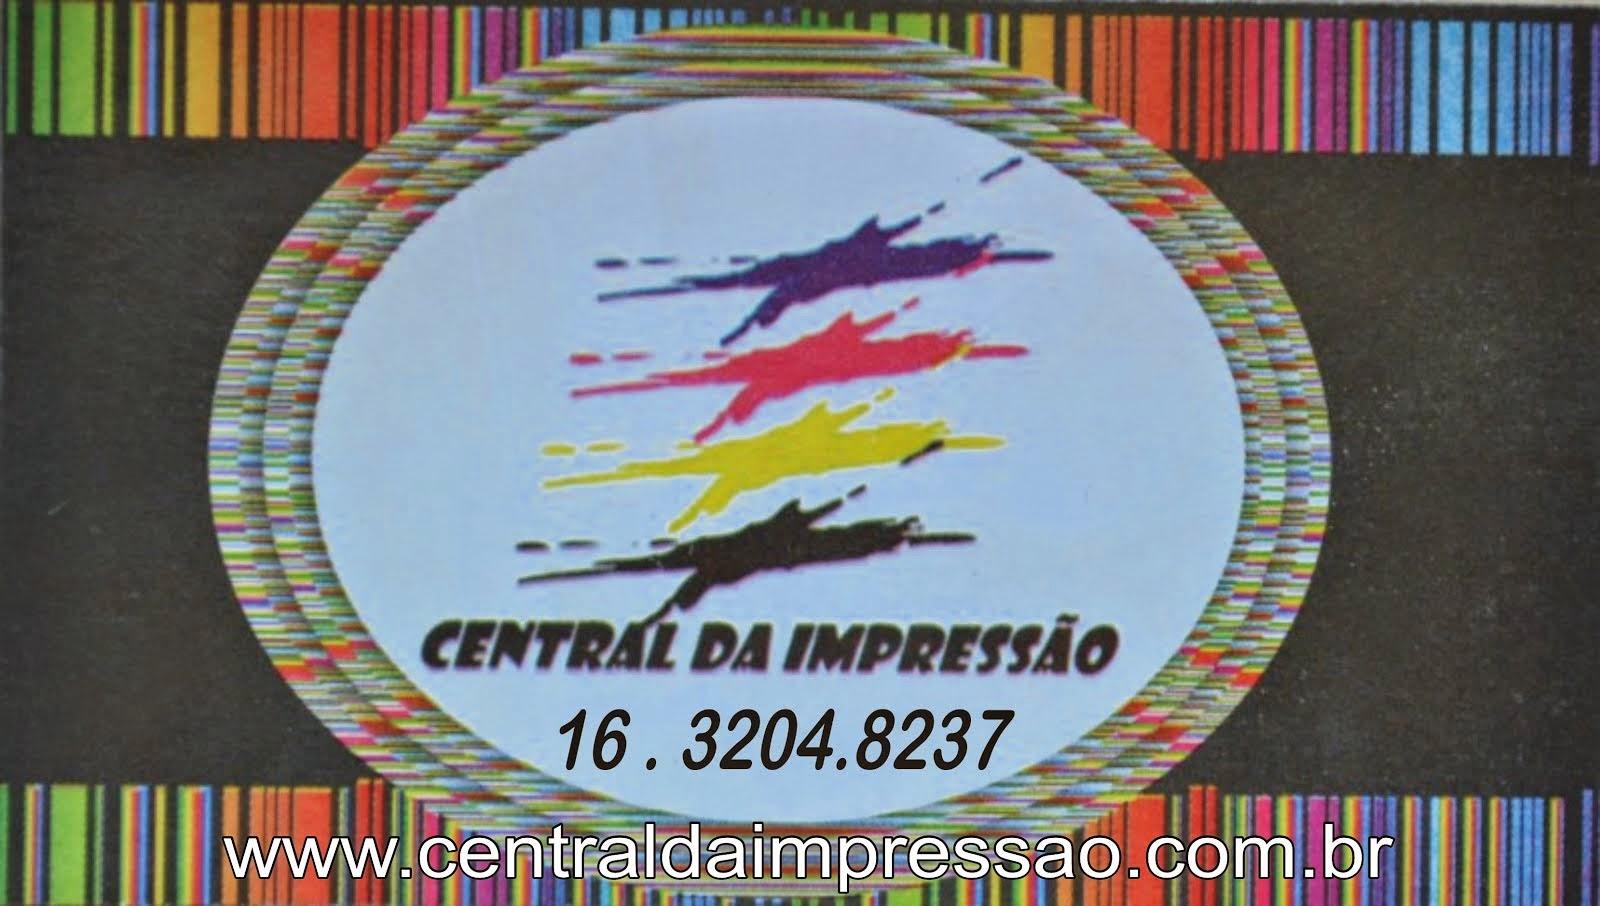 Central da impressão